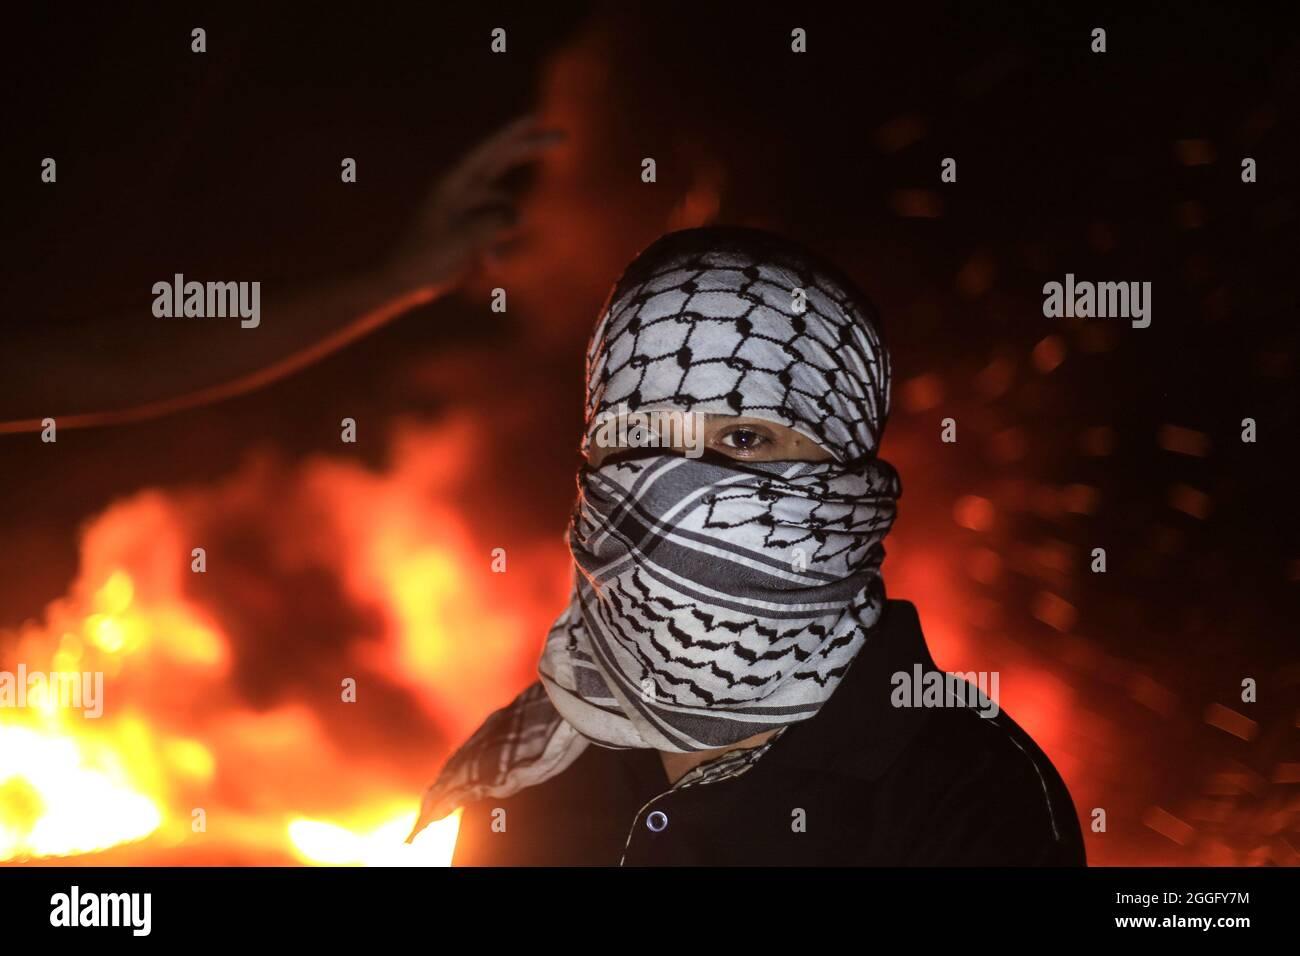 31 agosto 2021, campo profughi di Bureij, striscia di Gaza, Palestina: Dimostranti palestinesi durante gli scontri con i soldati israeliani lungo il confine tra la striscia di Gaza e Israele, ad est del campo profughi di Bureij, striscia di Gaza. Agosto 30, 2021. Nelle scorse settimane i manifestanti palestinesi hanno organizzato manifestazioni di massa nei pressi della barriera di confine per protestare contro il blocco israeliano. Decine di palestinesi sono stati feriti e due sono stati uccisi dal fuoco israeliano durante le proteste. (Credit Image: © Mahmoud Khattab/Quds Net News via ZUMA Press Wire) Foto Stock